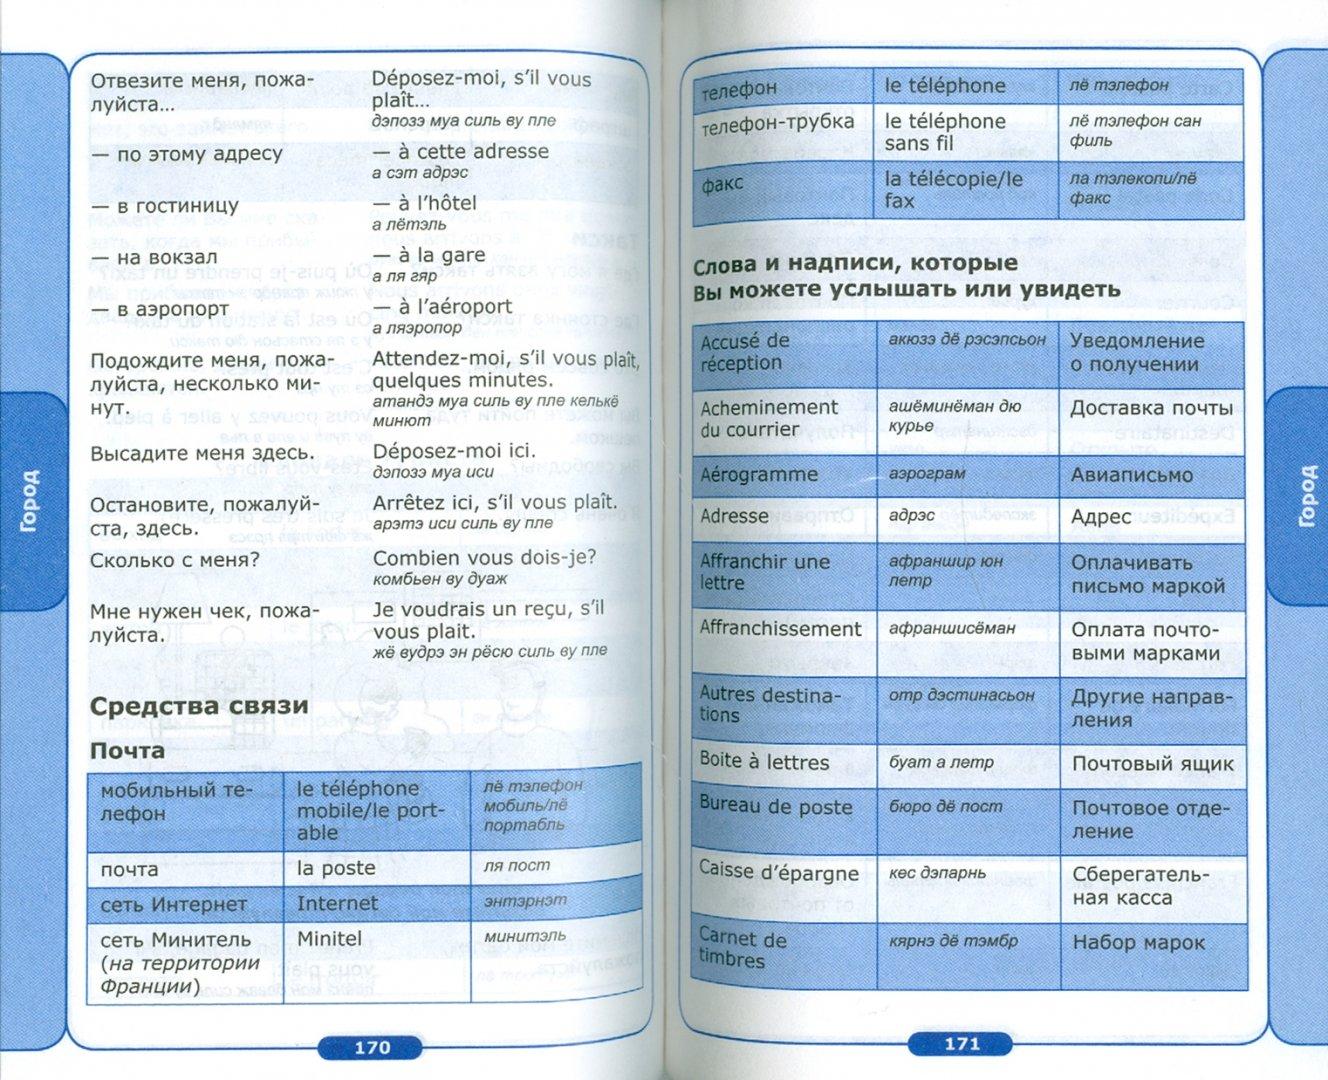 Иллюстрация 1 из 8 для Начни общаться! Современный русско-французский суперразговорник - Ольга Кобринец | Лабиринт - книги. Источник: Лабиринт